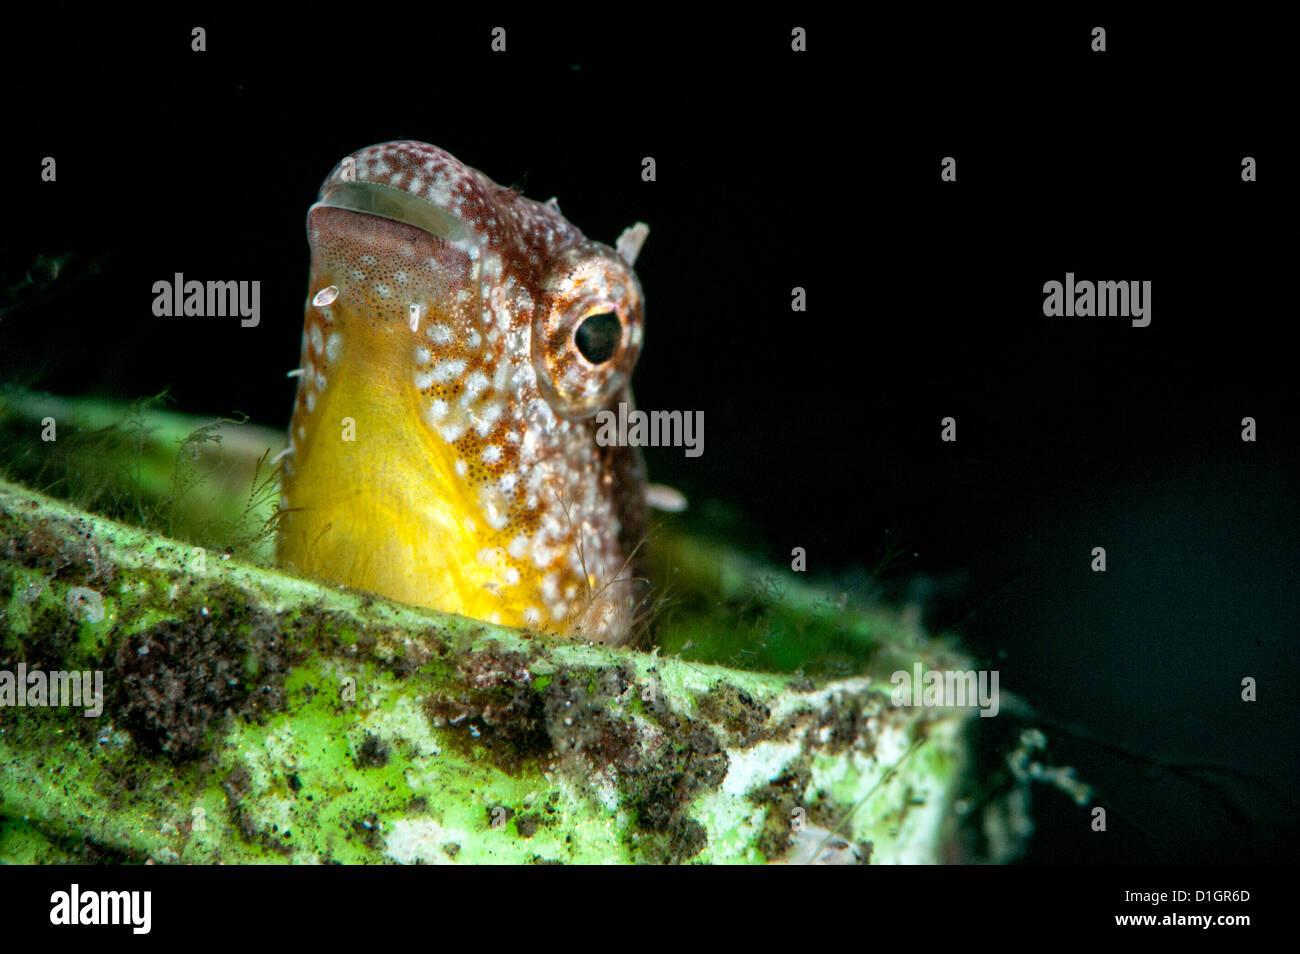 Variabile (fangblenny Petroscirtes variablilis), a Sulawesi, Indonesia, Asia sud-orientale, Asia Immagini Stock